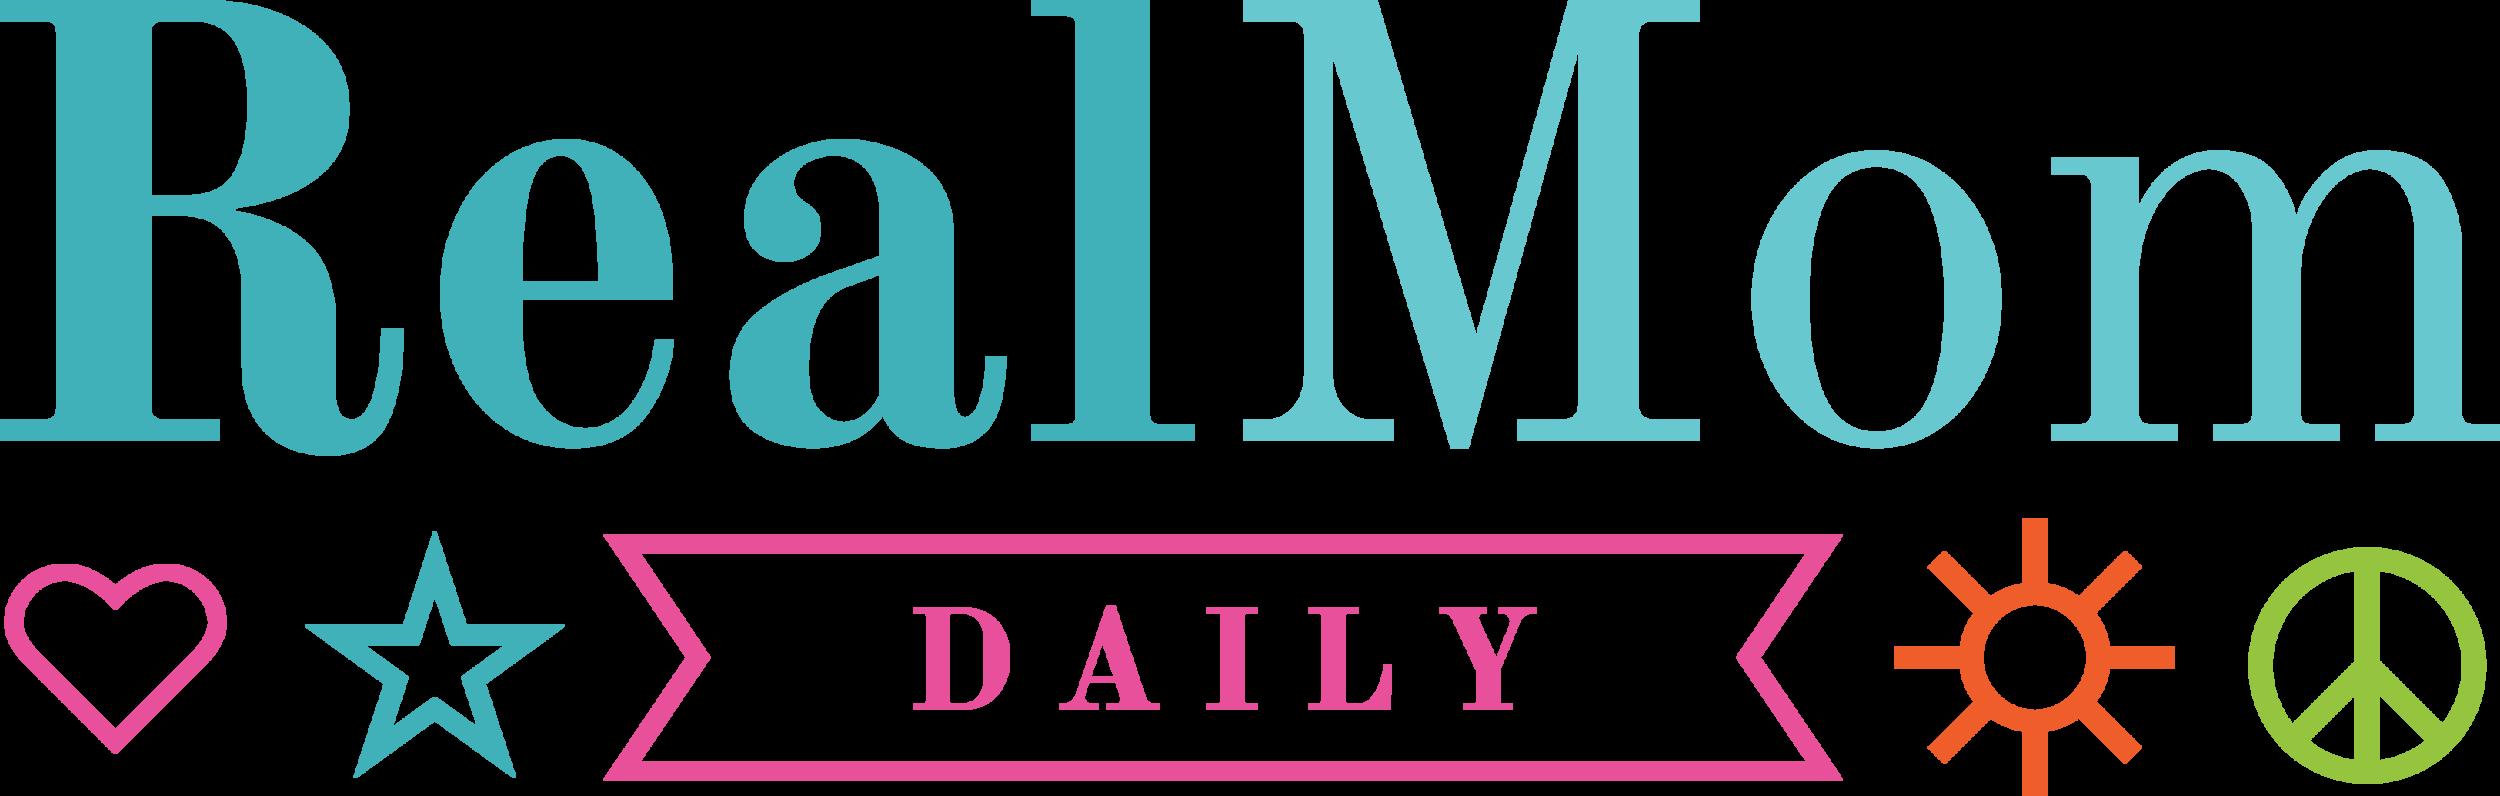 RMD-logo-final-pink.png